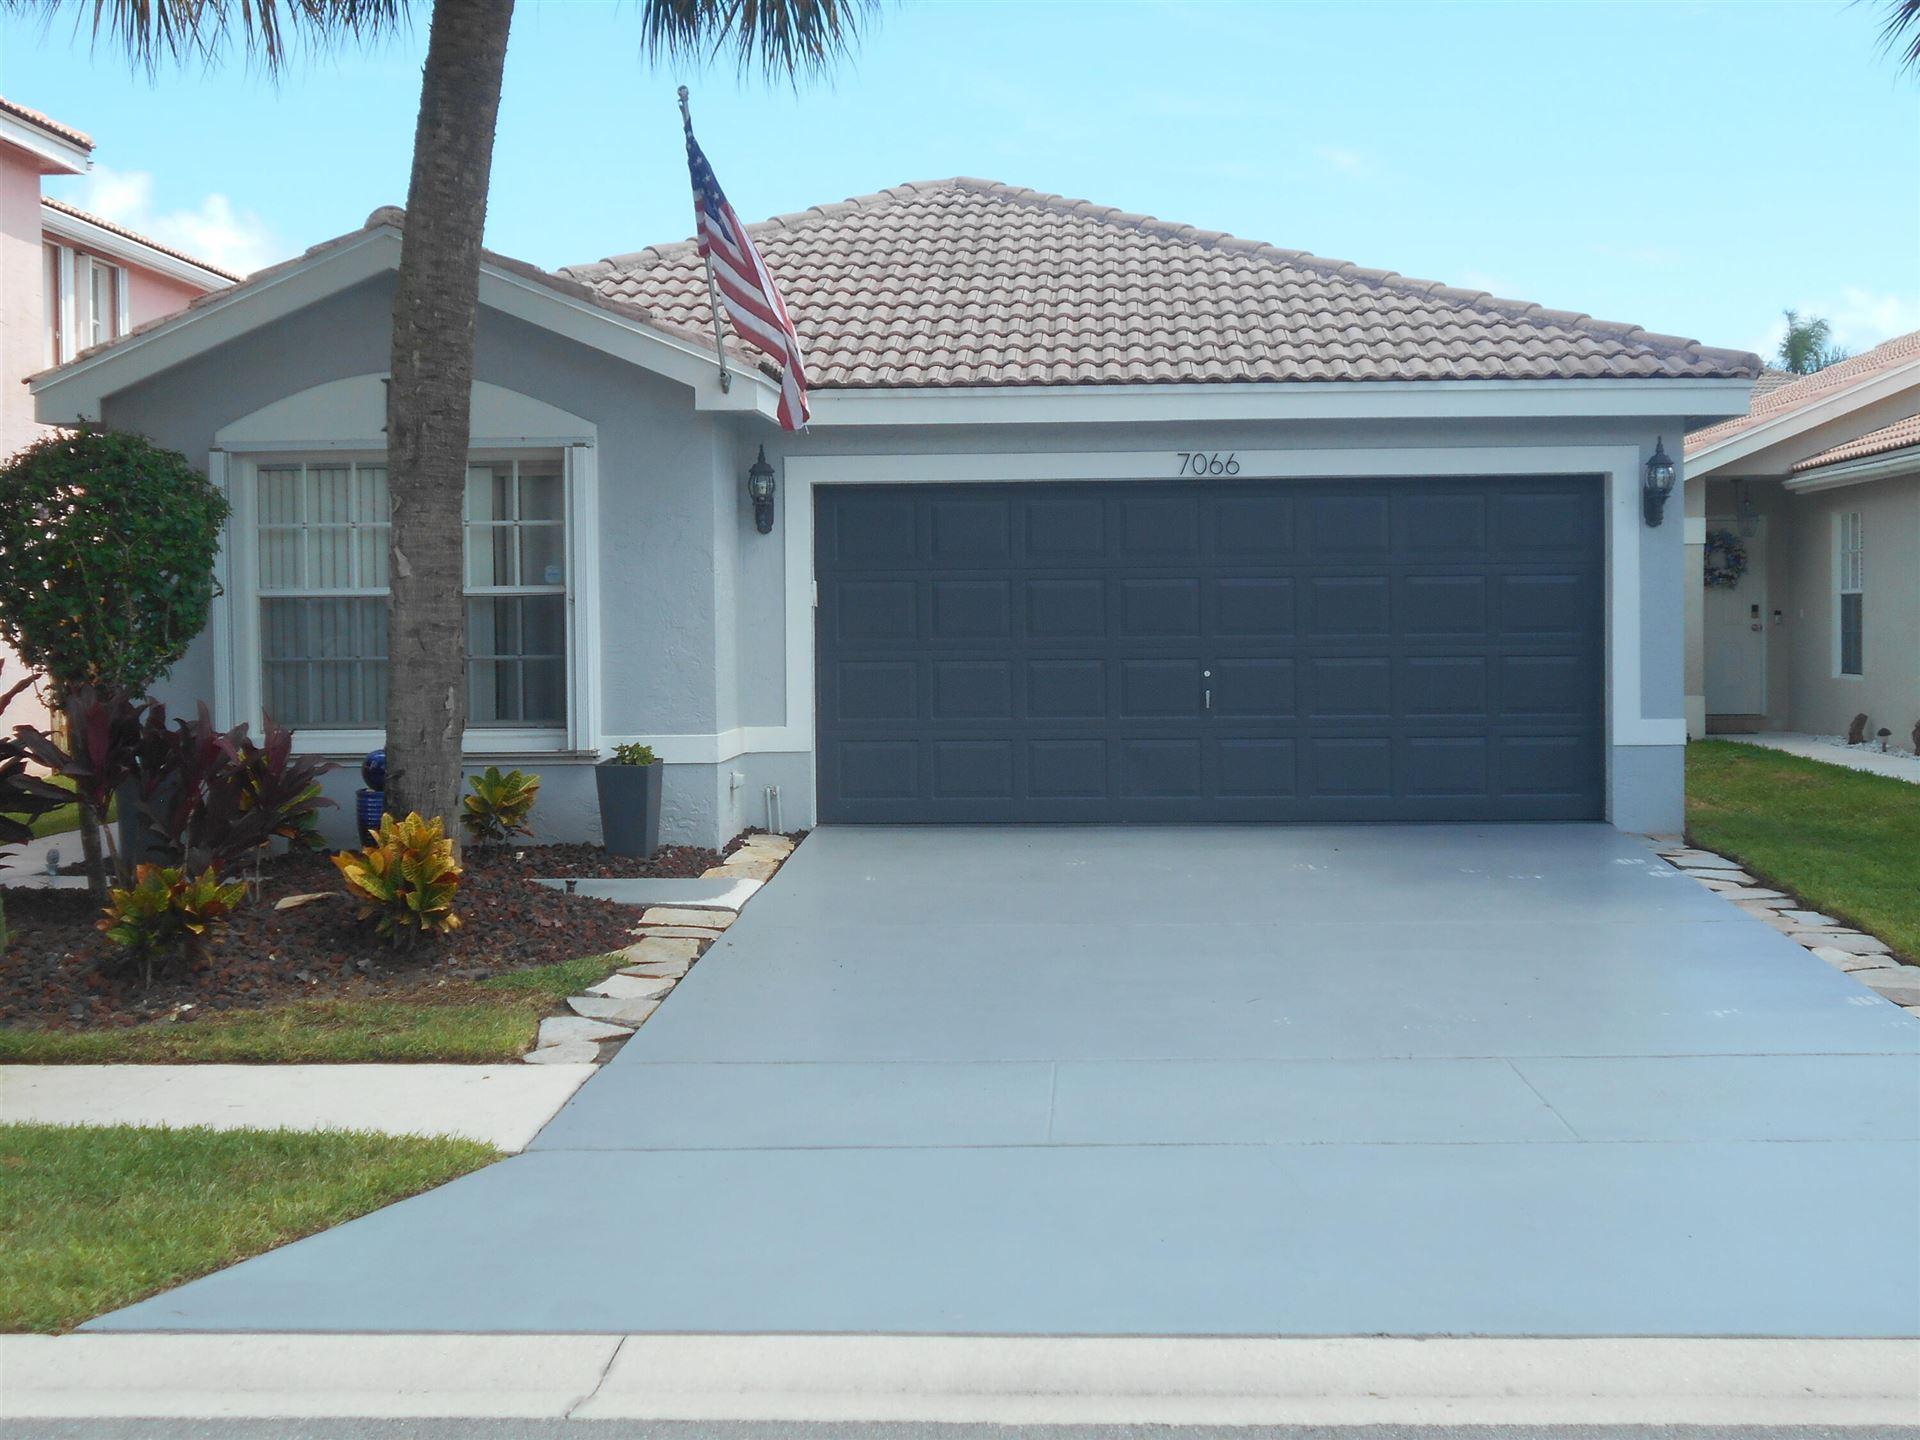 7066 Chesapeake Circle, Boynton Beach, FL 33436 - MLS#: RX-10745666